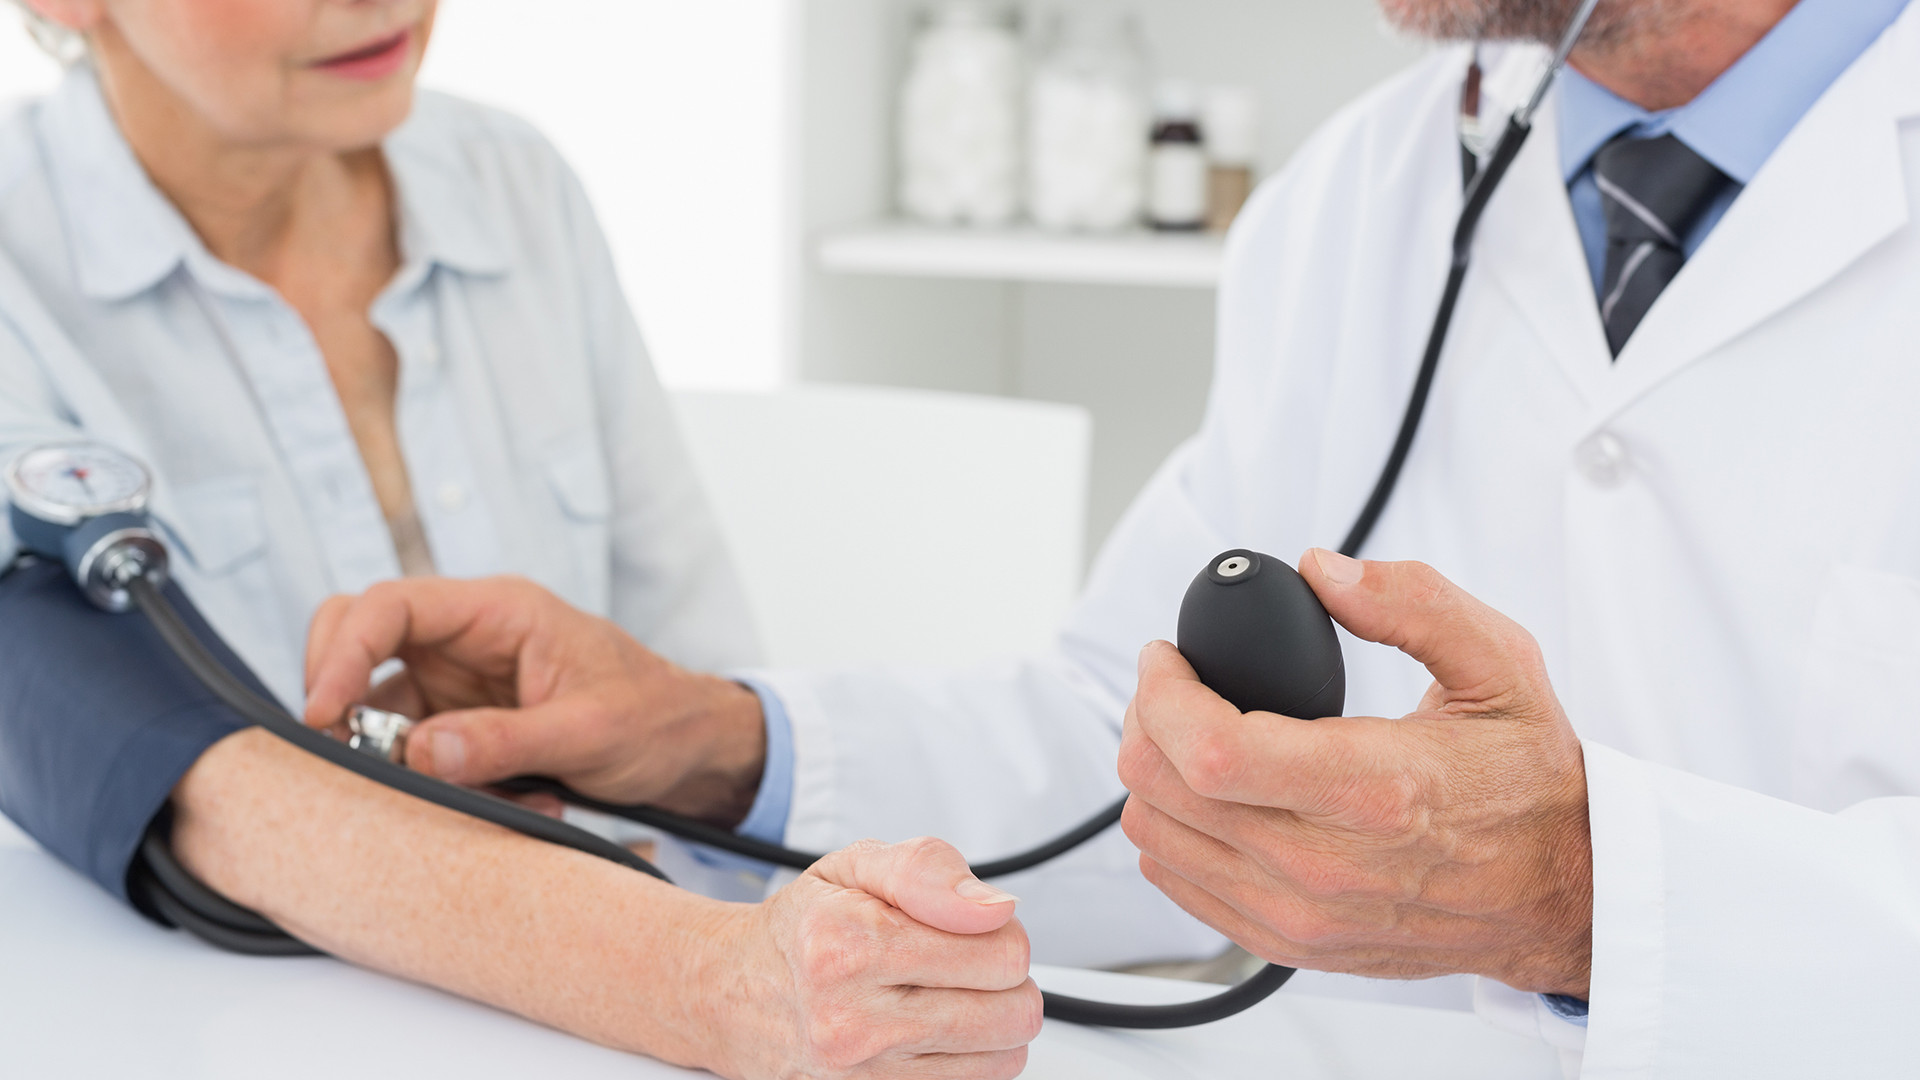 Medico pressione arteriosa del paziente